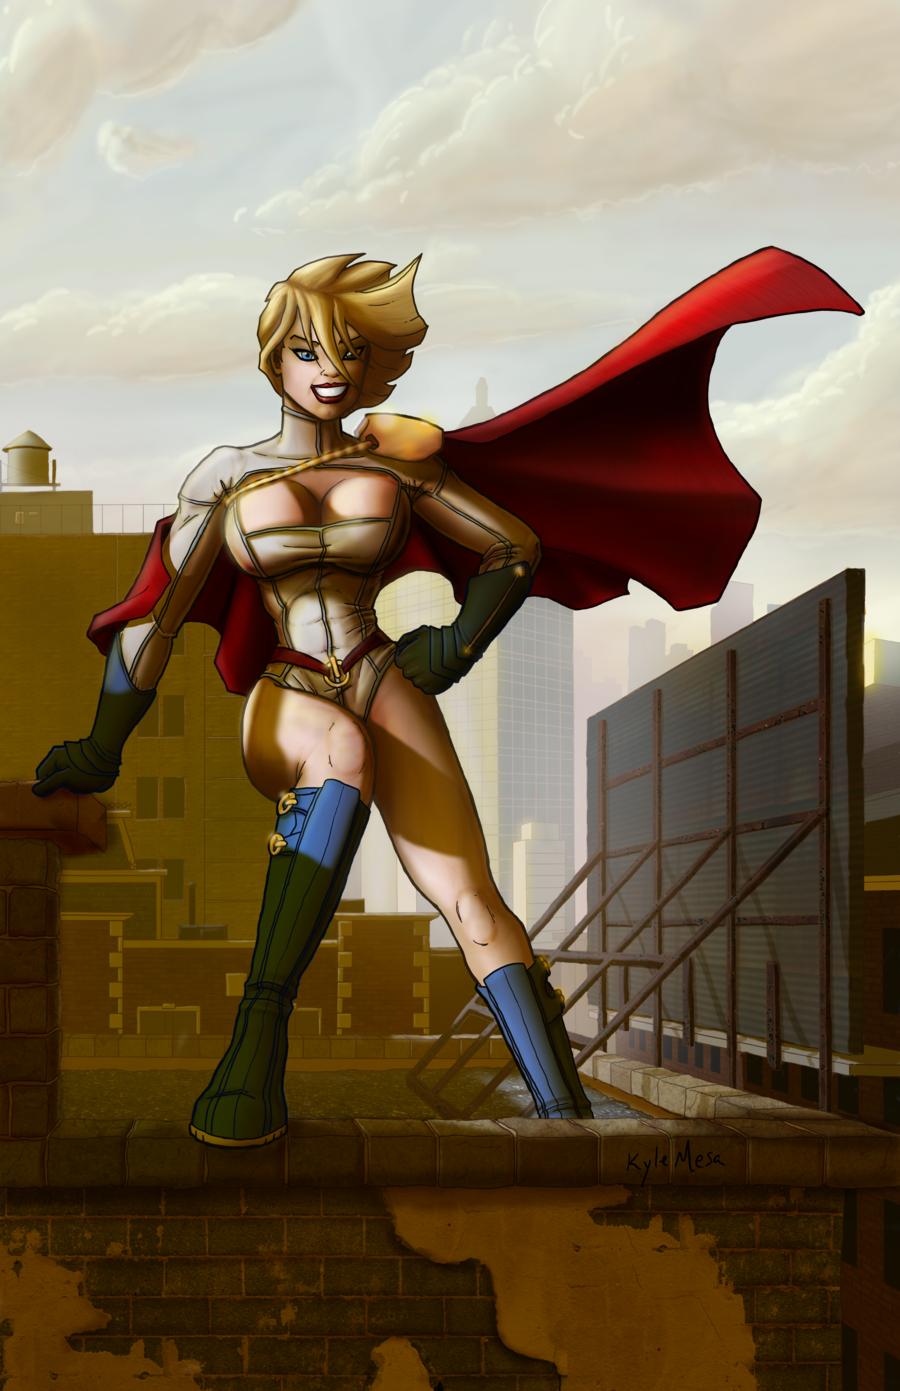 Power Girl 4k, HD Superheroes, 4k Wallpapers, Images